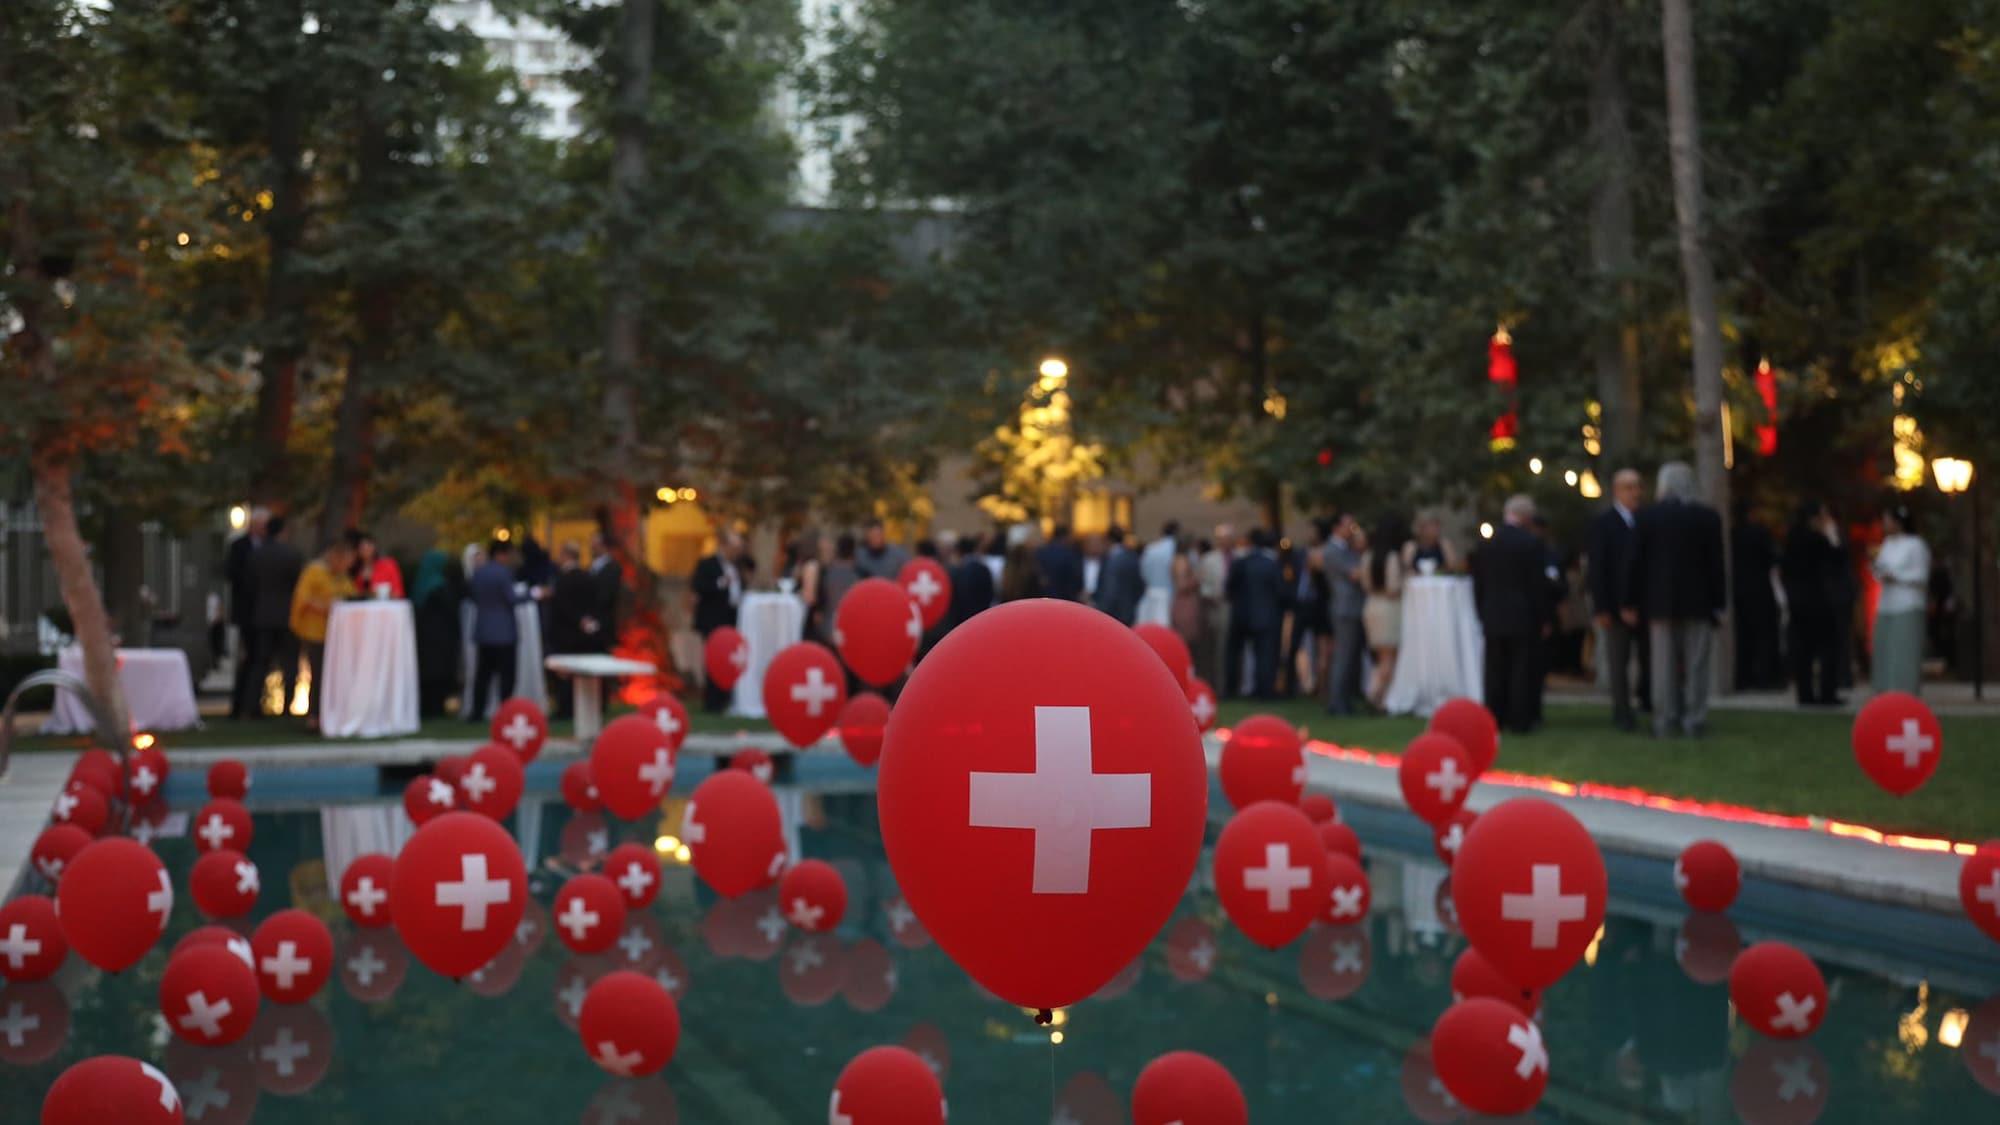 Stimmungstief in Schweizer Vertretung im Iran: Botschaftspersonal fordert mehr Apéros und Happy Hours